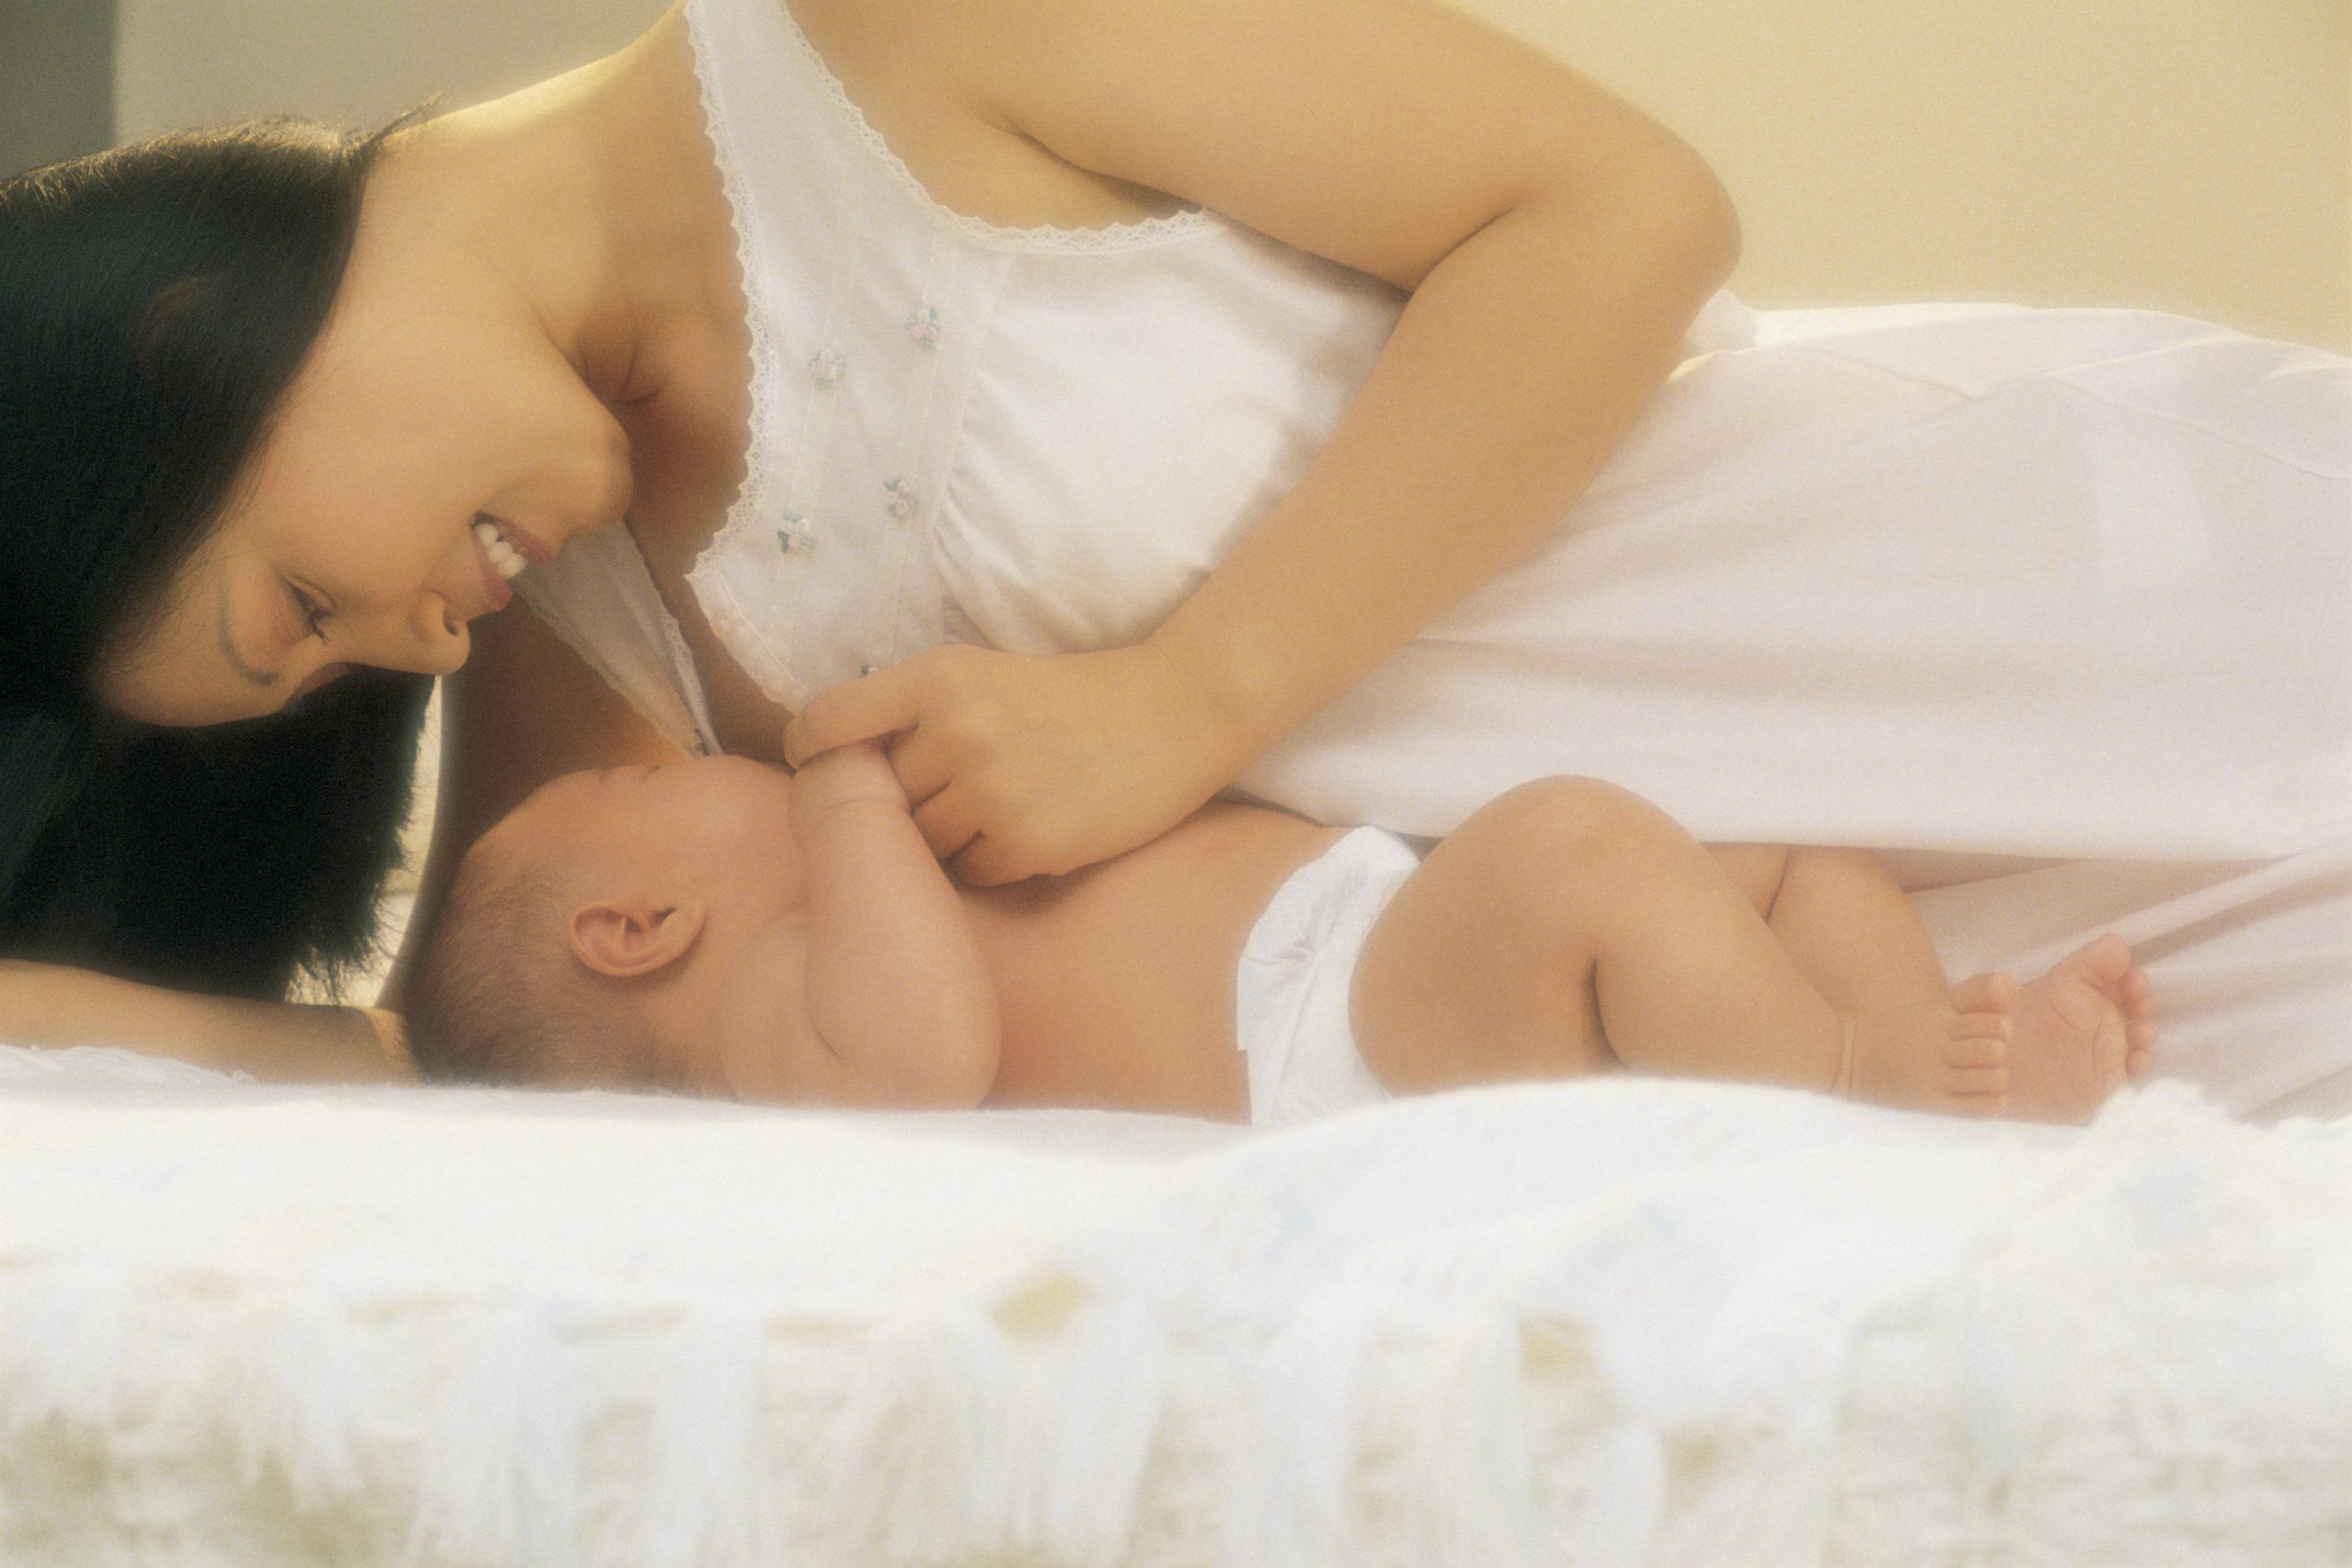 Posisi Menyusui yang Bekerja Untuk Ibu Dan BayiBreastfeeding Positions That Work for Mom and Baby